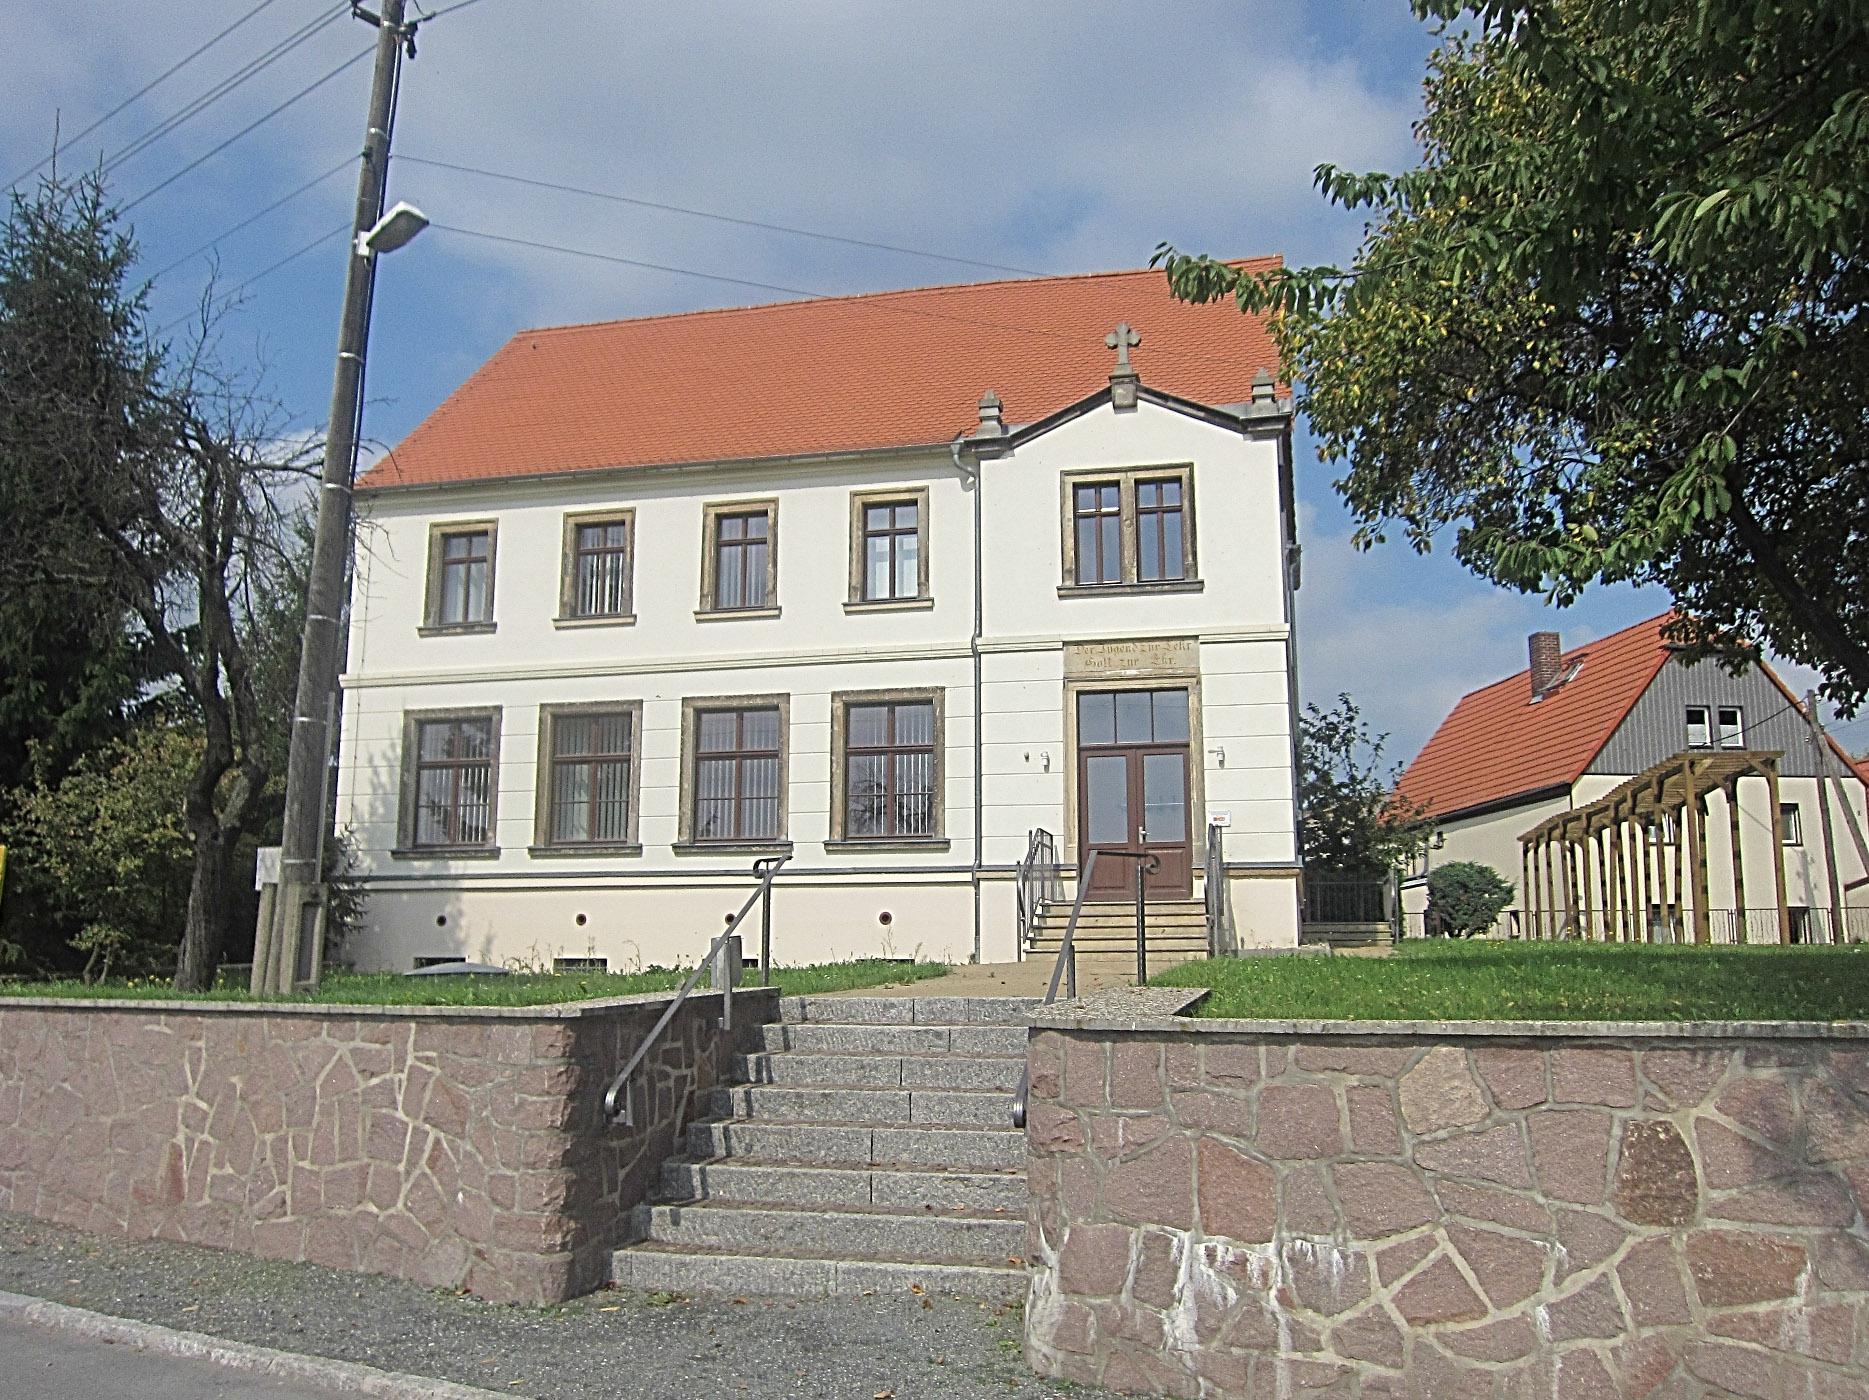 Lorenzkirch_02